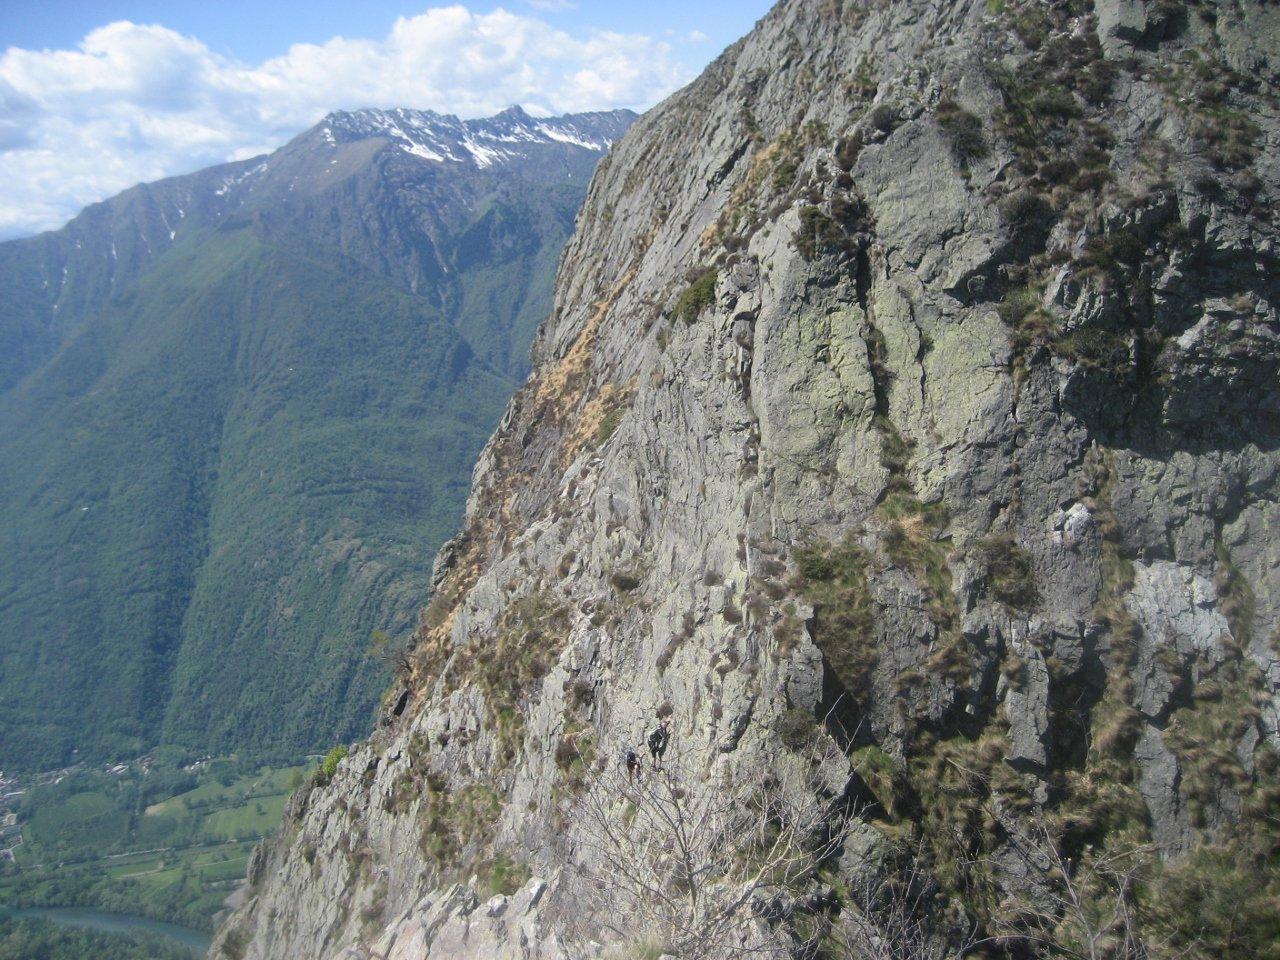 traverso -con due alpinisti in discesa- sulla placconata sotto la cima